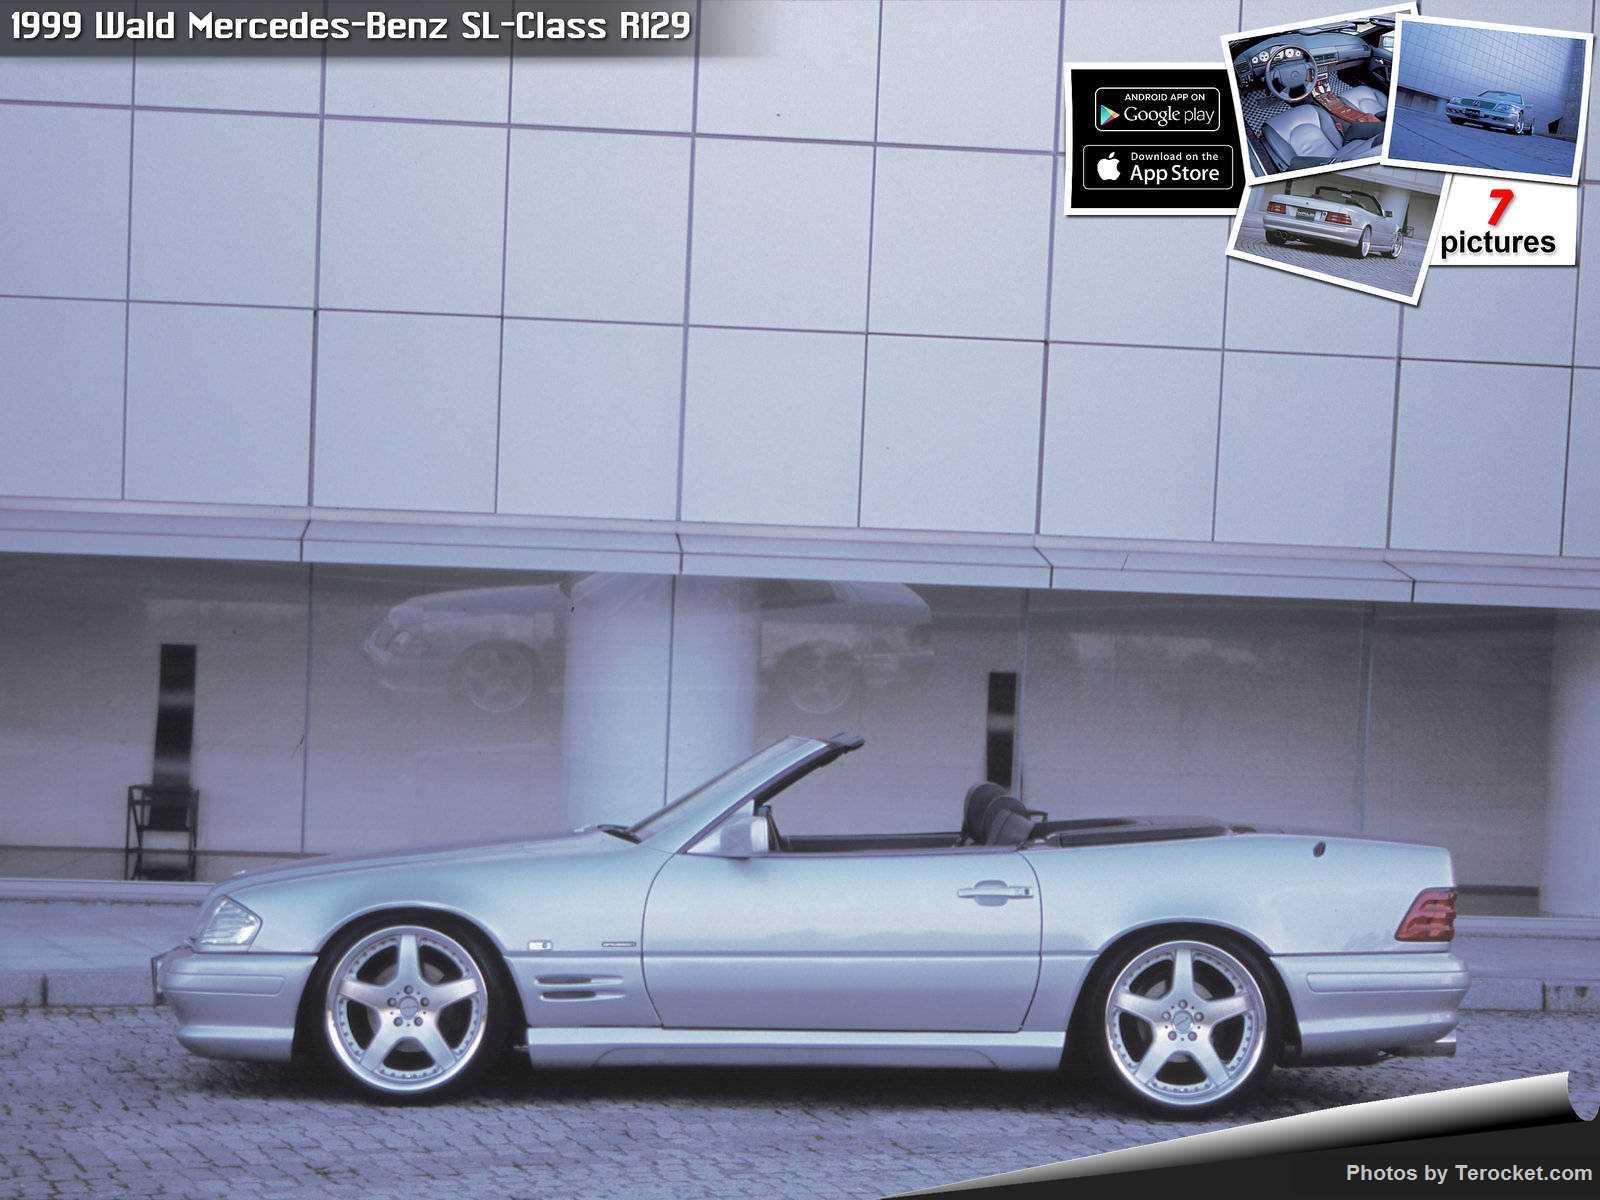 Hình ảnh xe độ Wald Mercedes-Benz SL-Class R129 1999 & nội ngoại thất